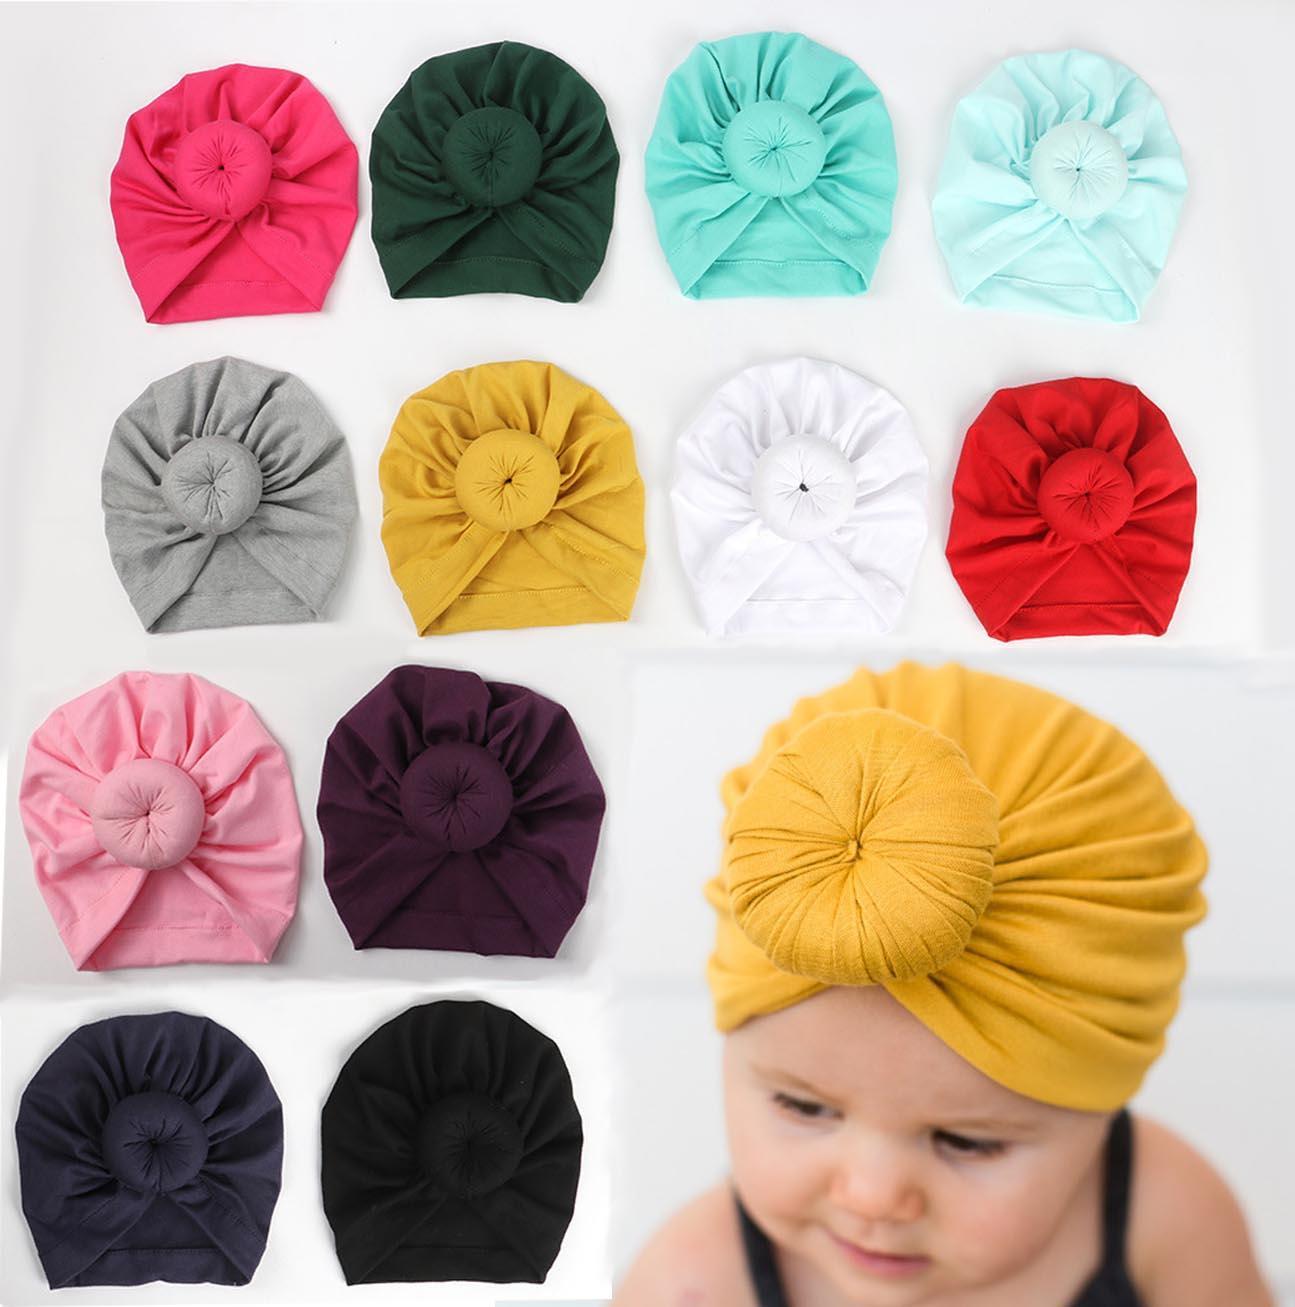 Cappello per neonato Cappello per neonato Cappello per neonato in cotone elasticizzato Cappellino per neonato